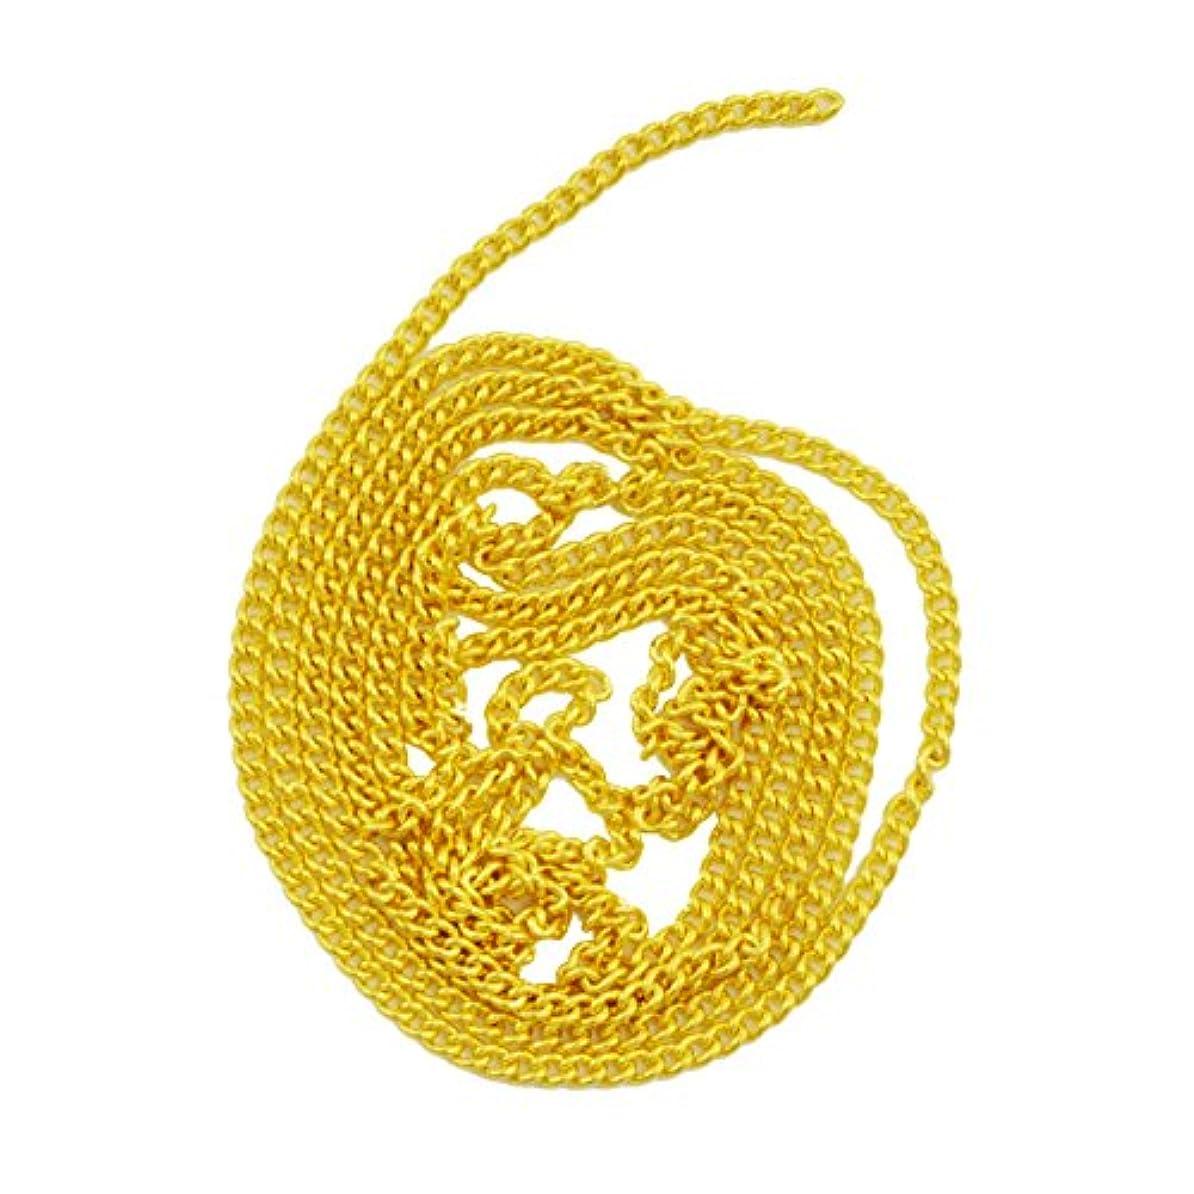 ゴシップより多い運営ネイルパーツ ネイルチェーン 50cm ゴールド 金 デコパーツ